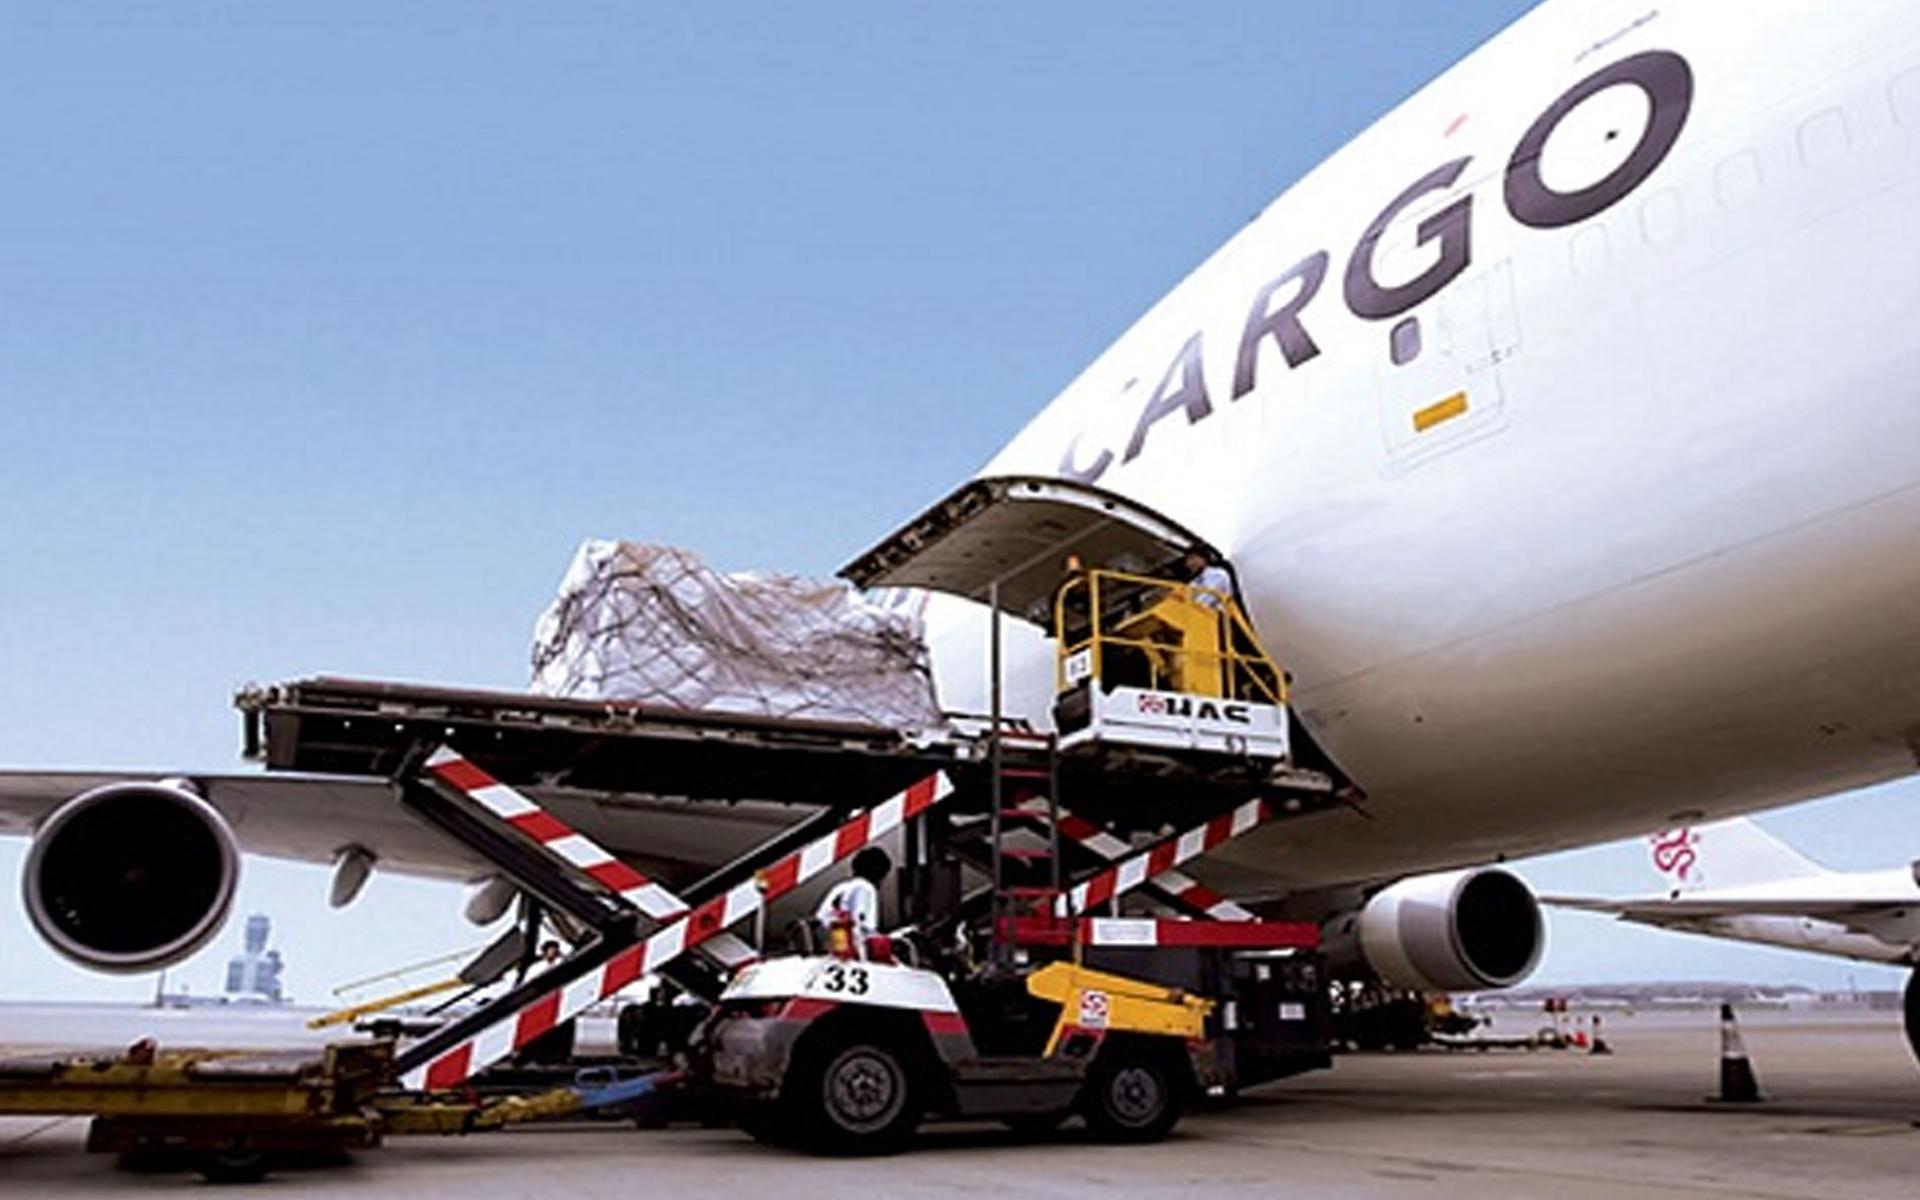 constant cargo care